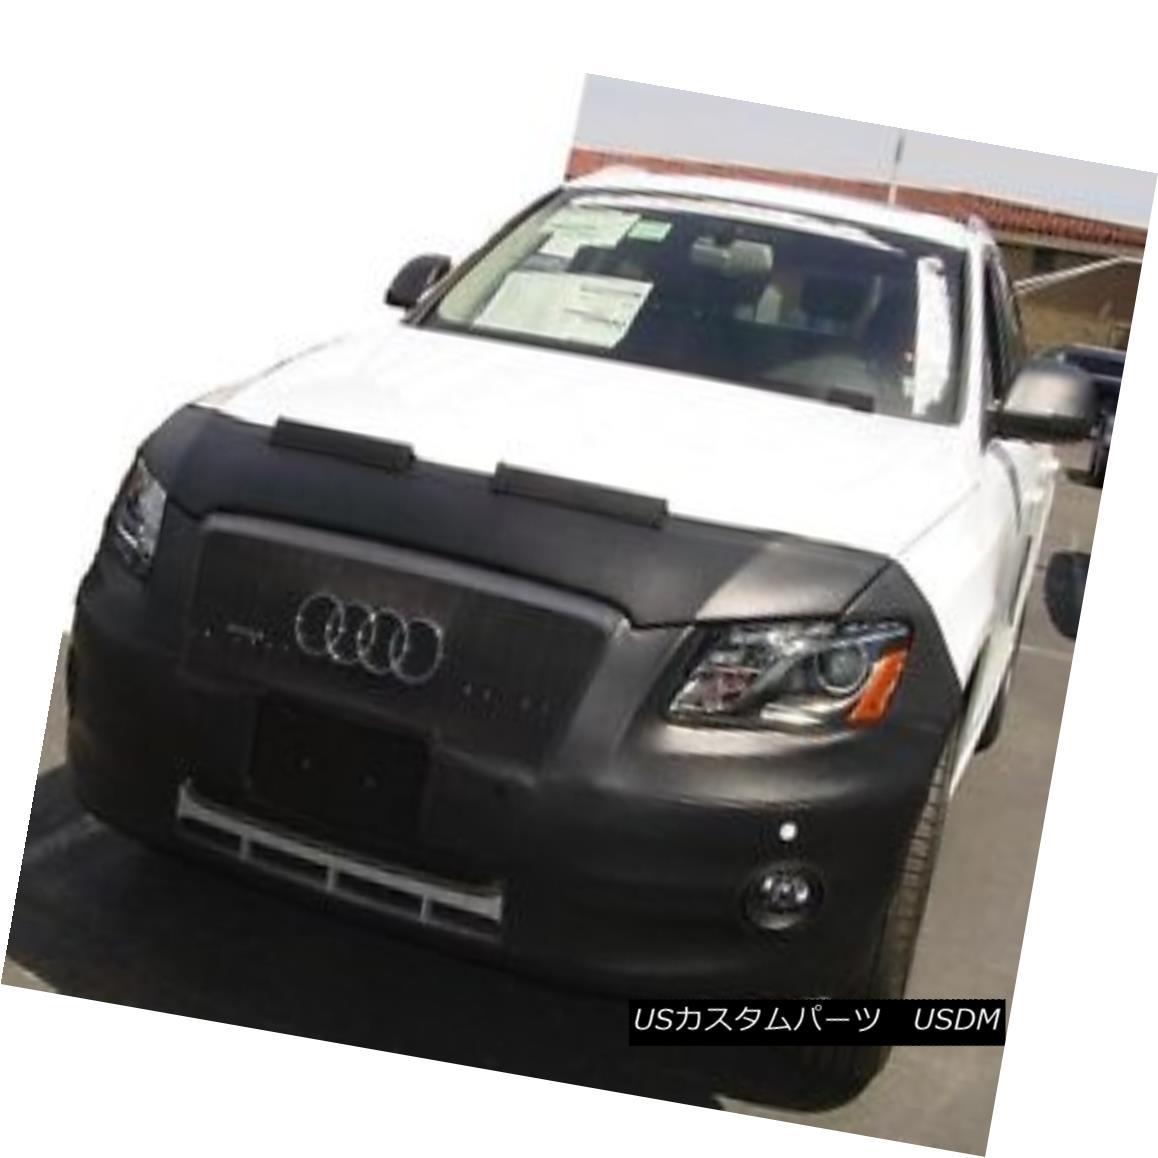 フルブラ ノーズブラ Colgan Front End Mask Bra 2pc. Fits Audi Q5 2013-2017 W/O Lic.Plate.,W/O Sensors コルガンフロントエンドマスクブラ2pc Audi Q5 2013-2017 W / O Lic.Plate。、W / Oセンサに適合